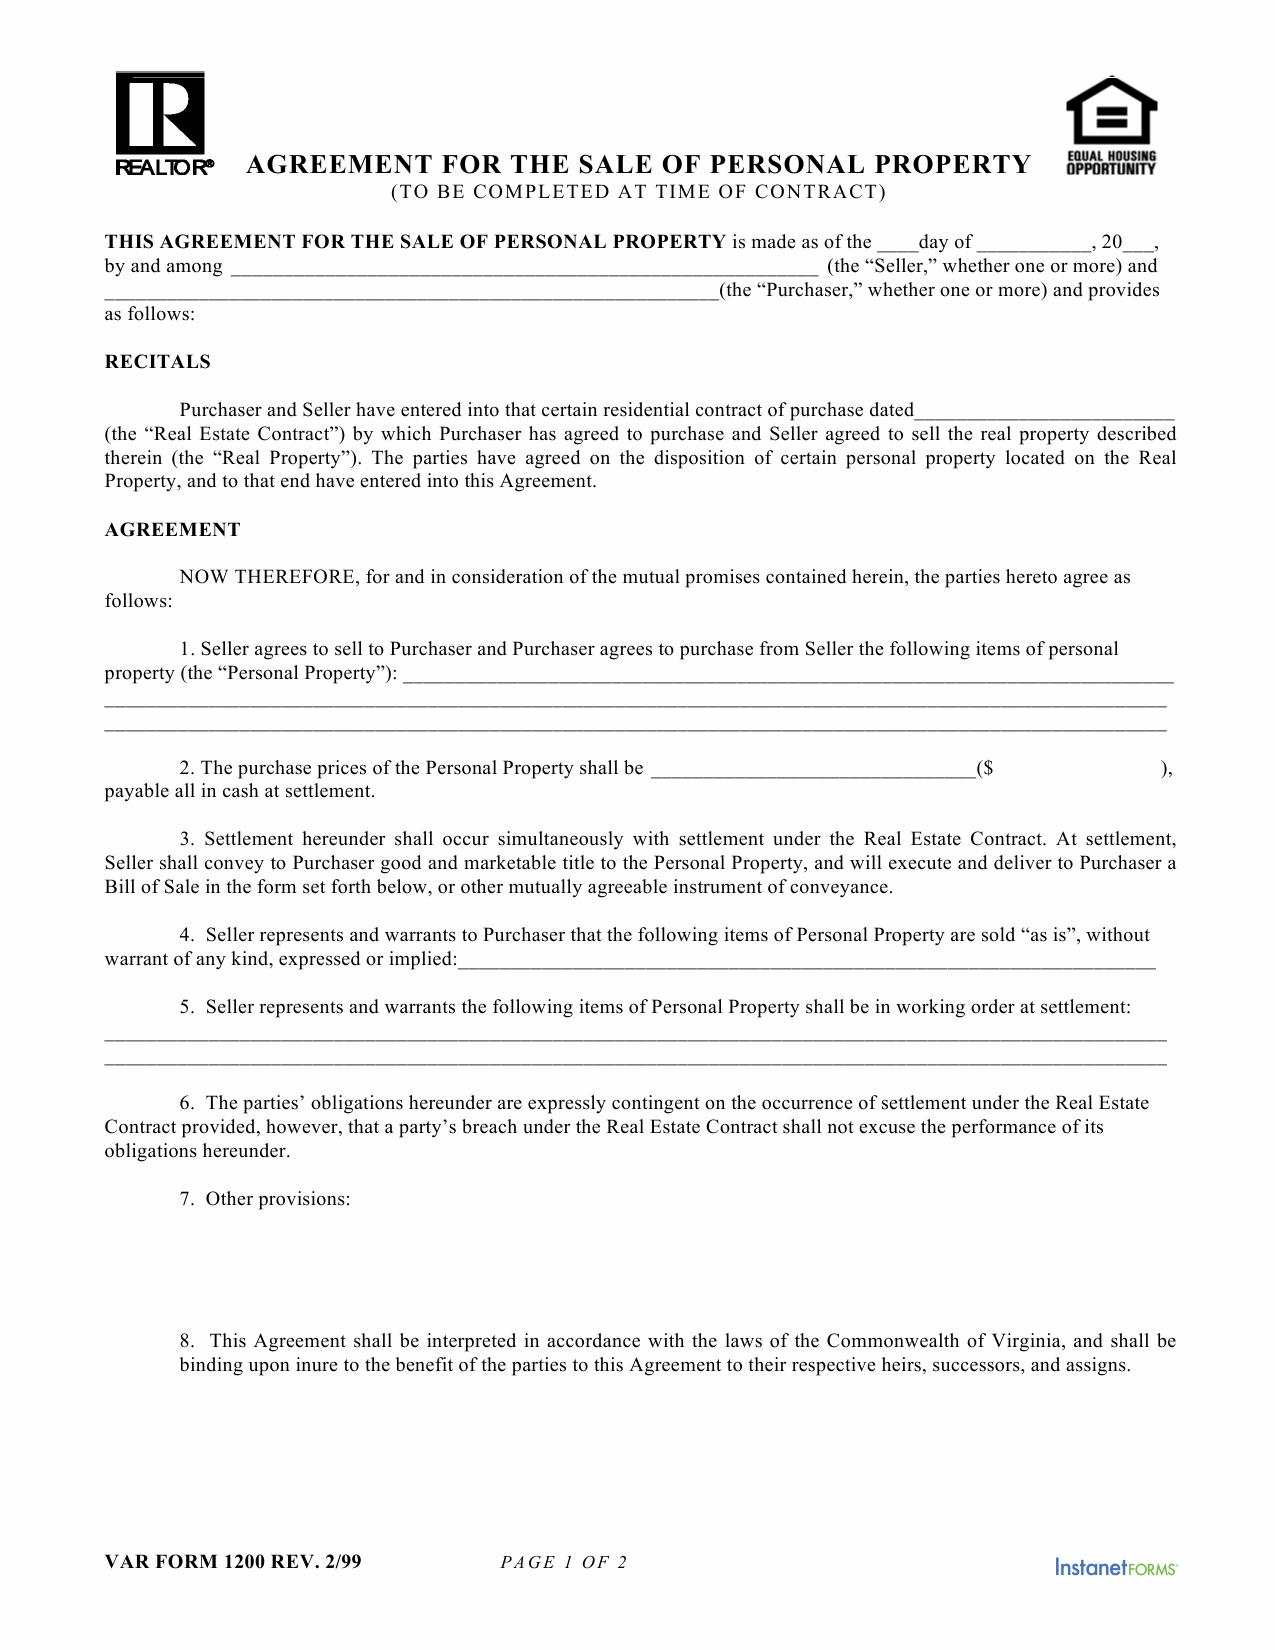 Transactiondesk  Forms  Var Forms